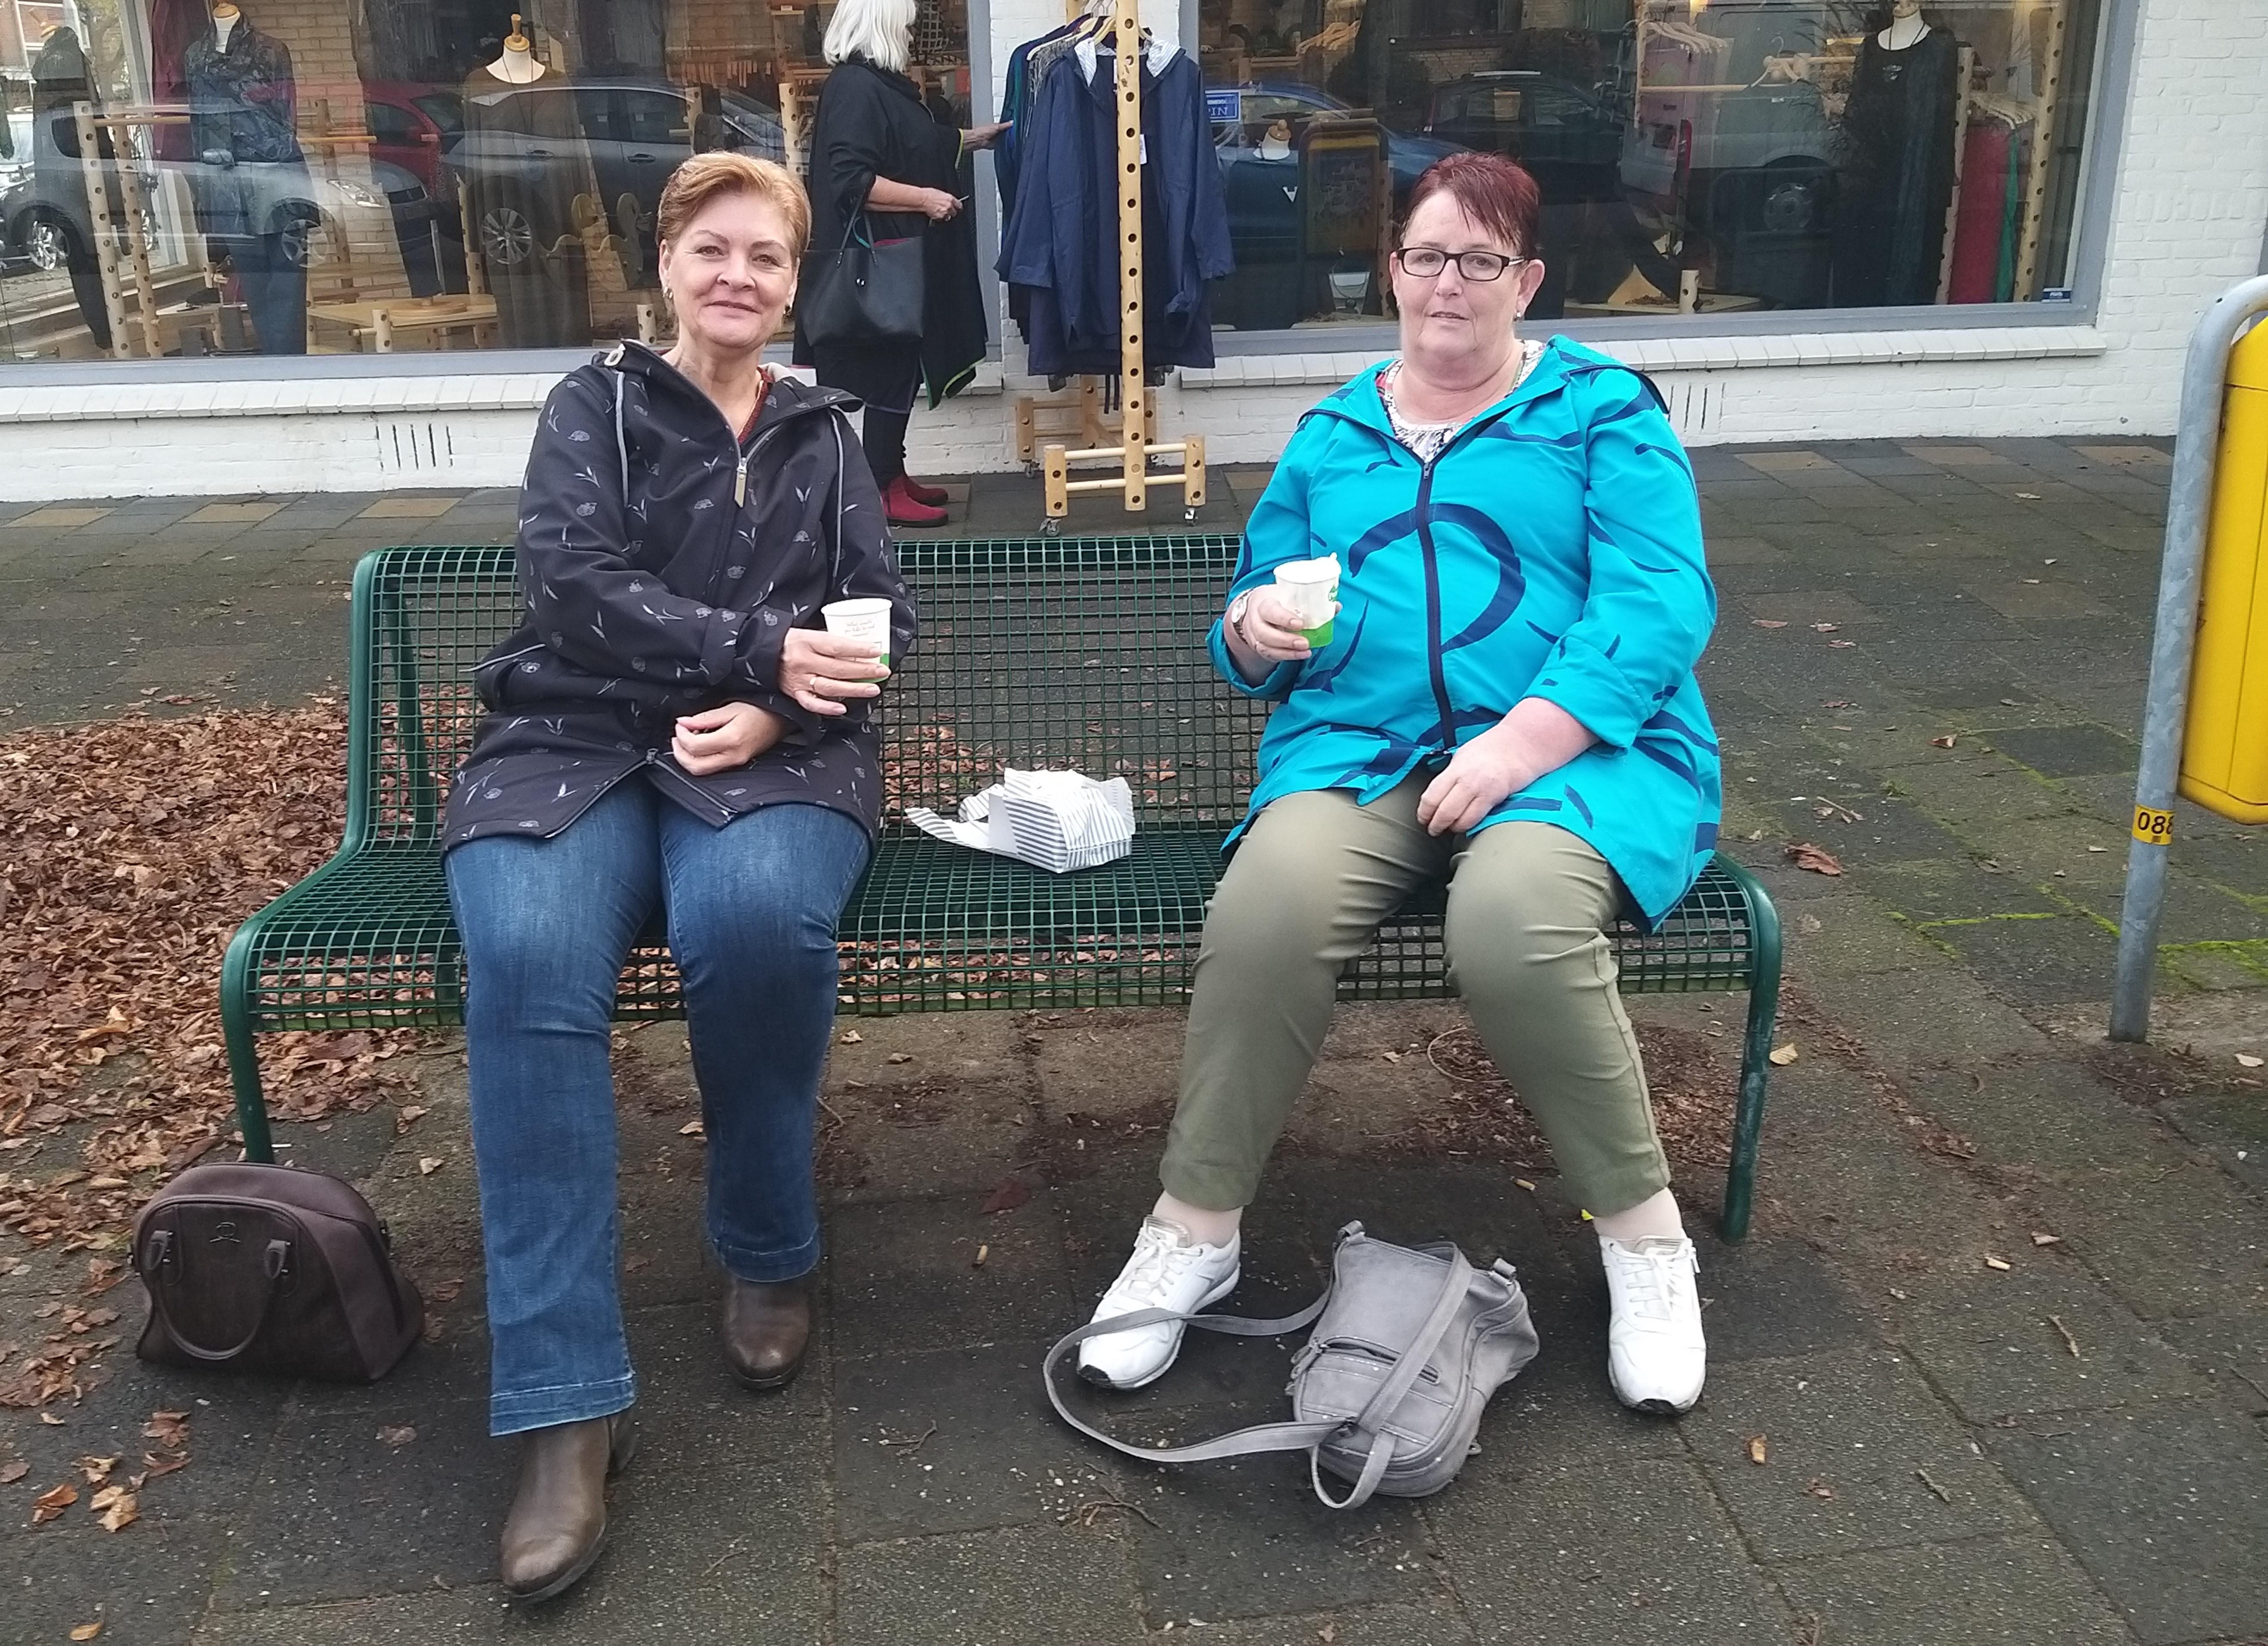 Vriendinnen Carola en Arianne werken bij IJmuidens woonzorgcentrum De Moerberg: 'Er waren in de tweede coronagolf negentien bewoners besmet. Dat heeft er stevig ingehakt'